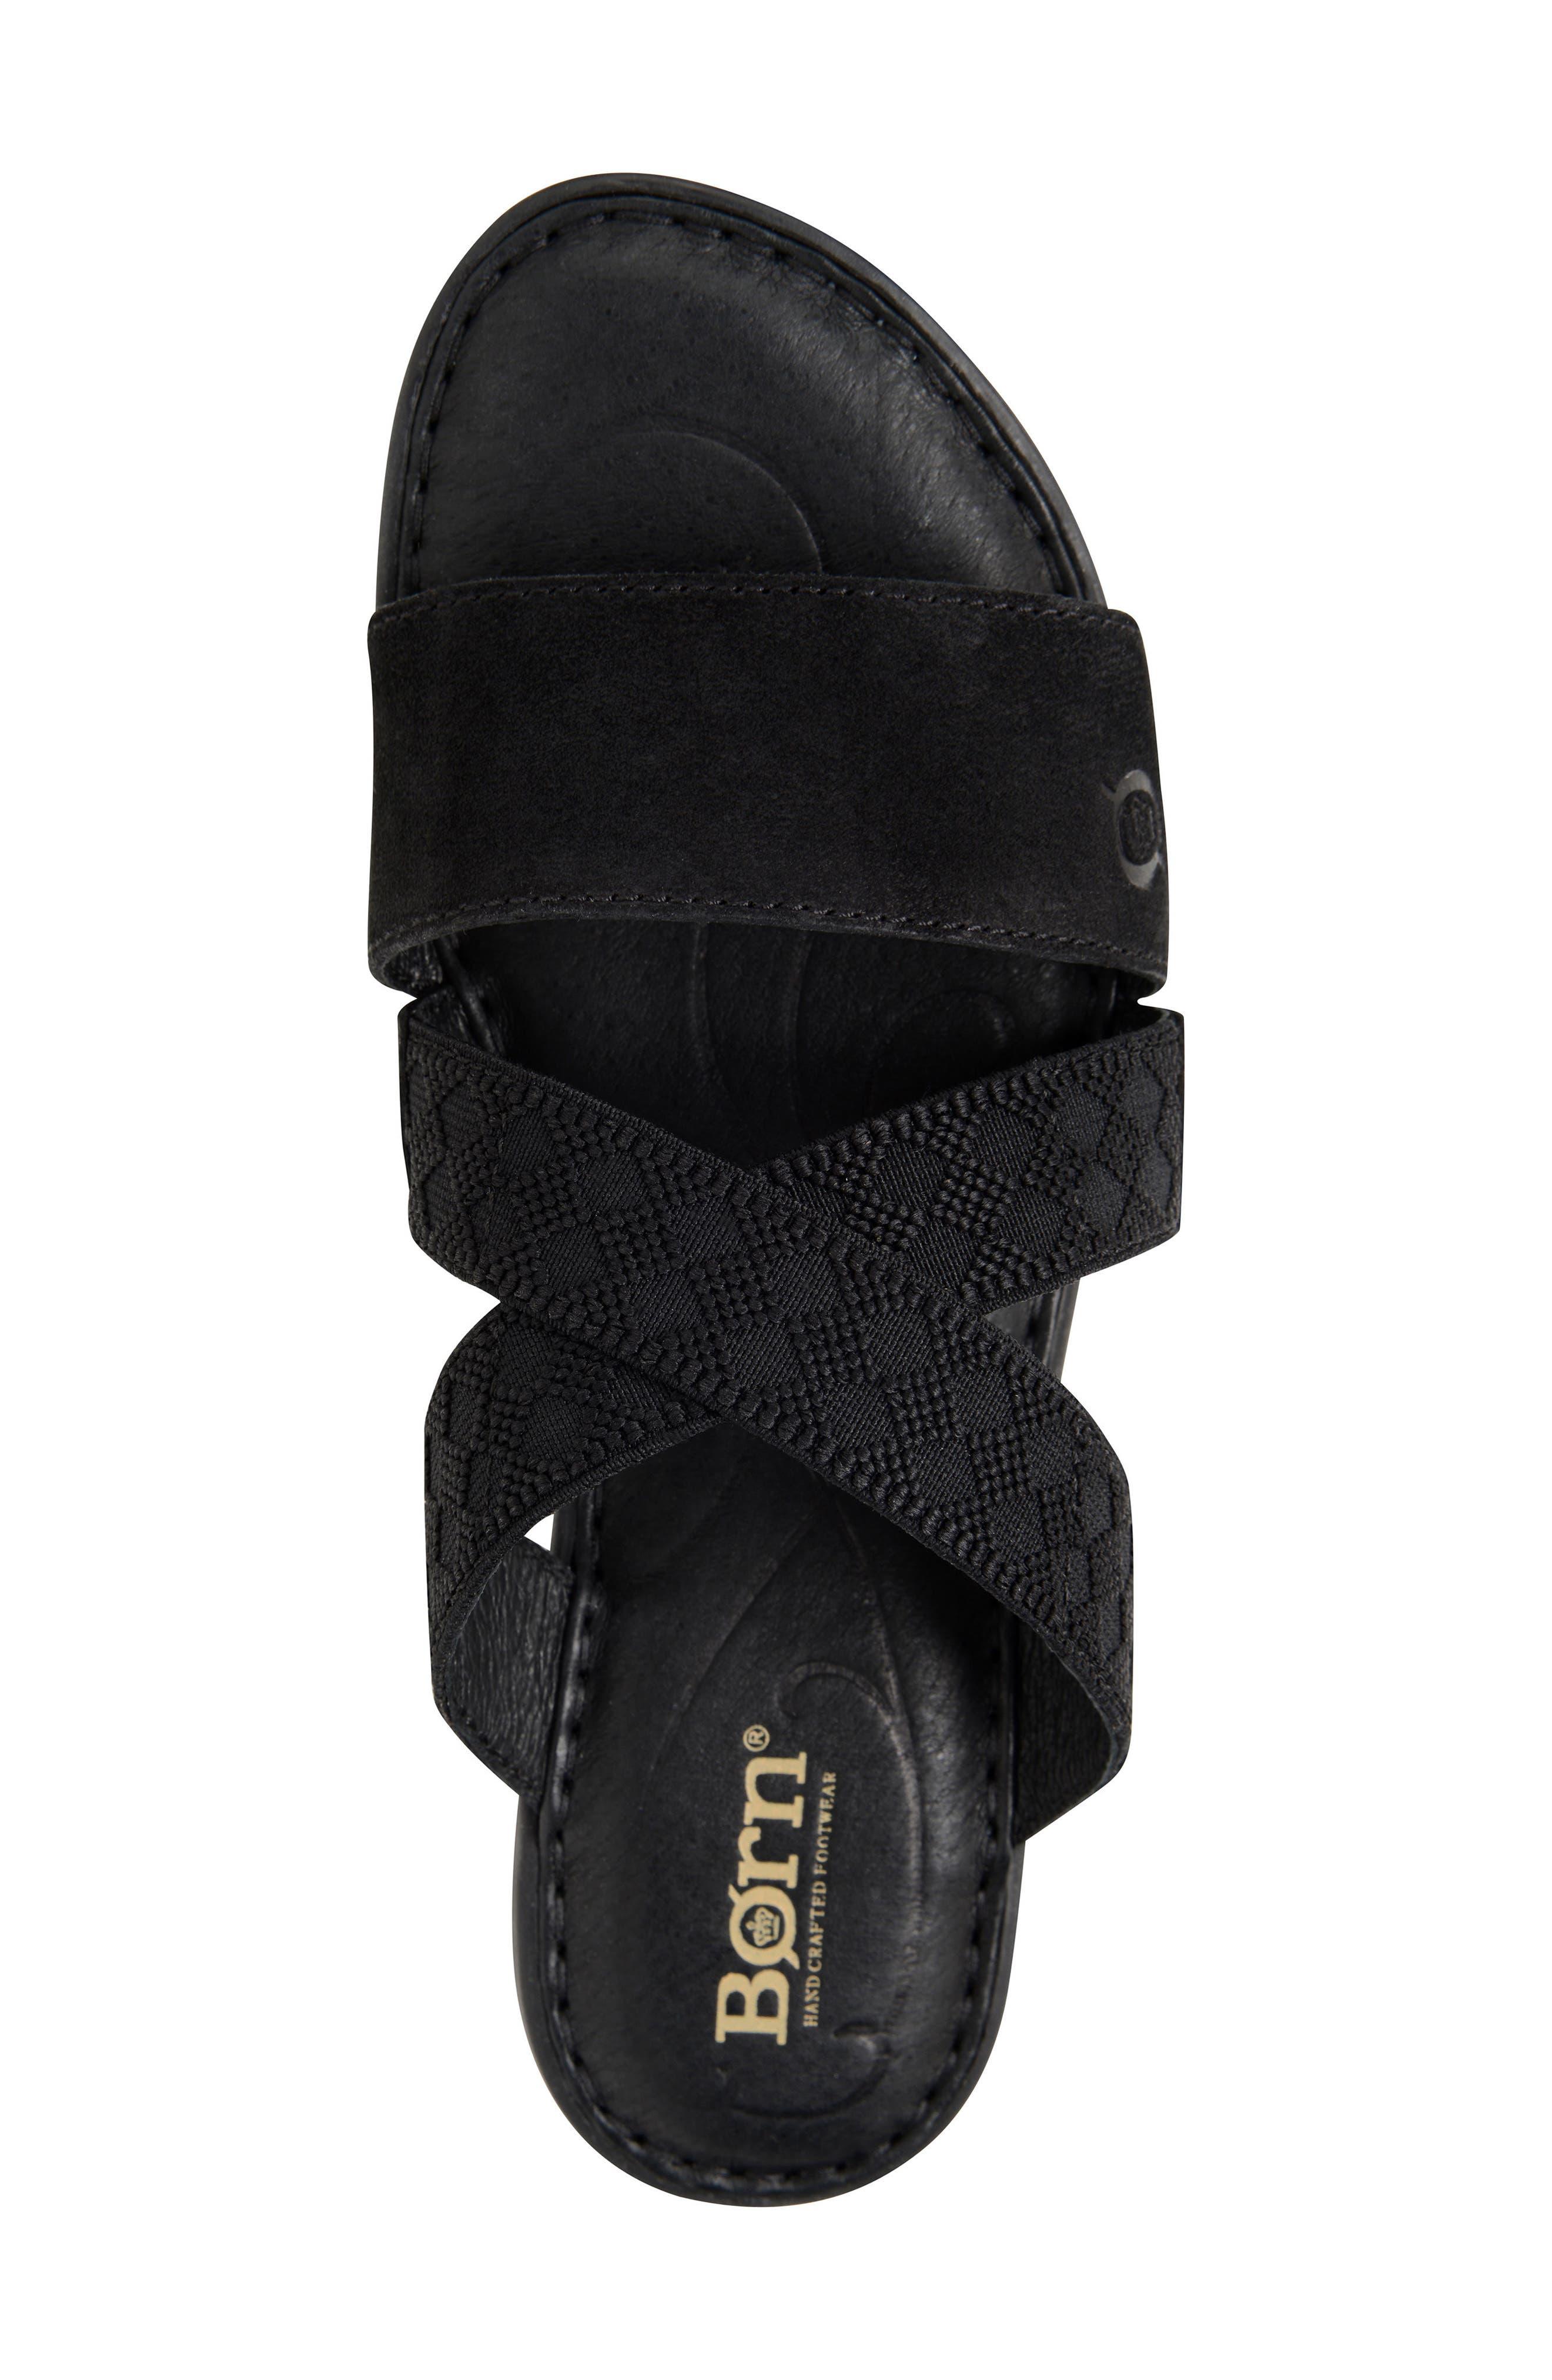 Tidore Slide Sandal,                             Alternate thumbnail 9, color,